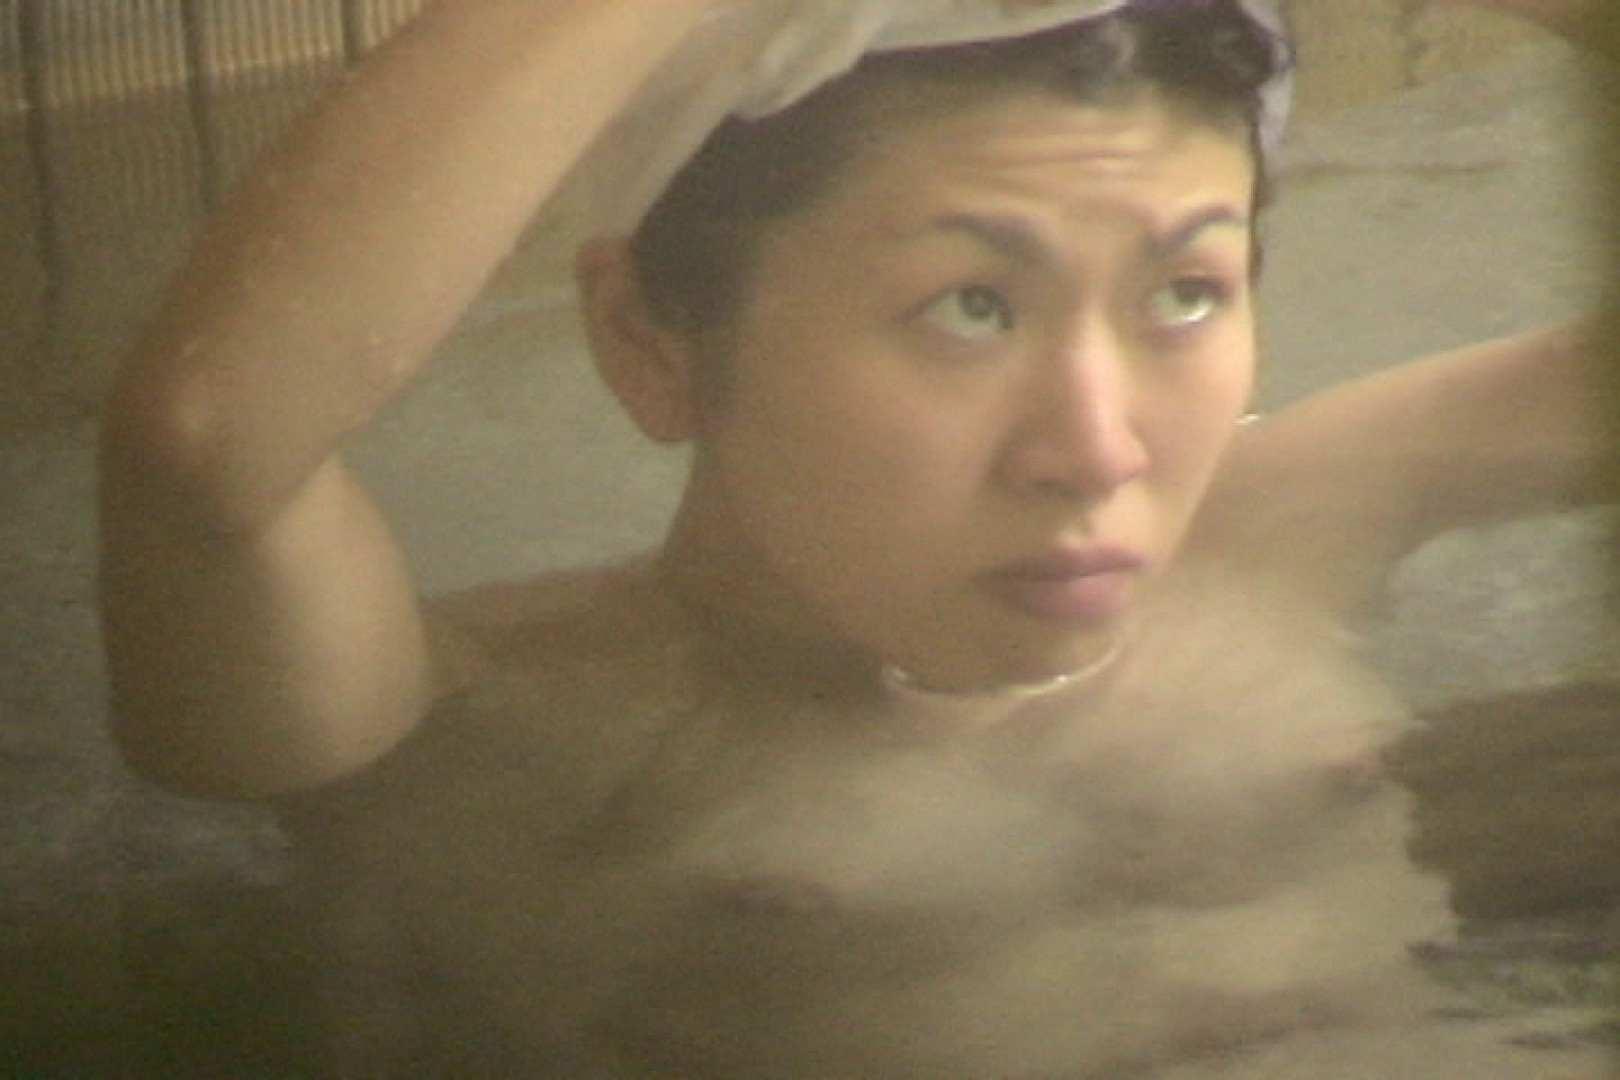 Aquaな露天風呂Vol.711 OLエロ画像 | 露天  81PICs 16